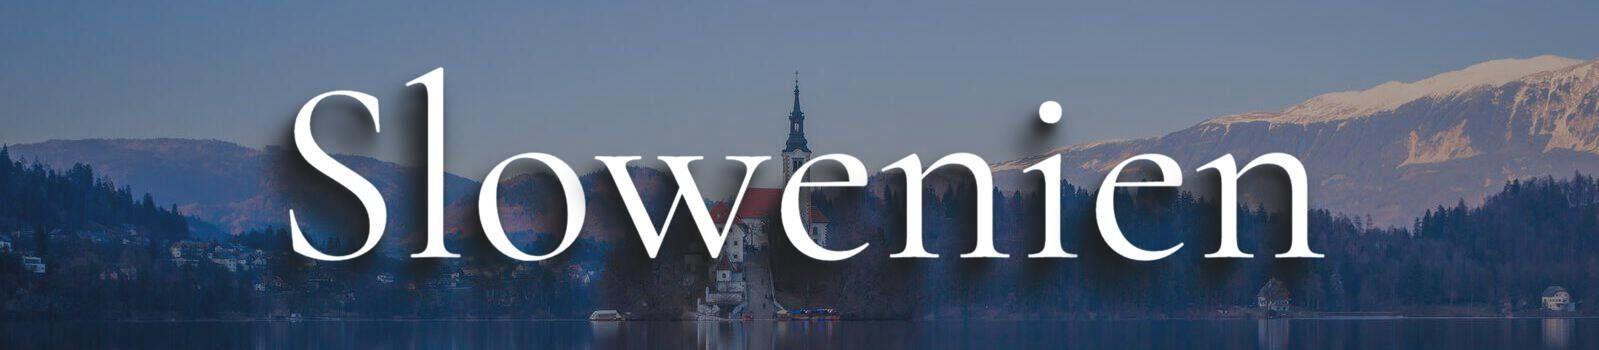 Slowenien Banner